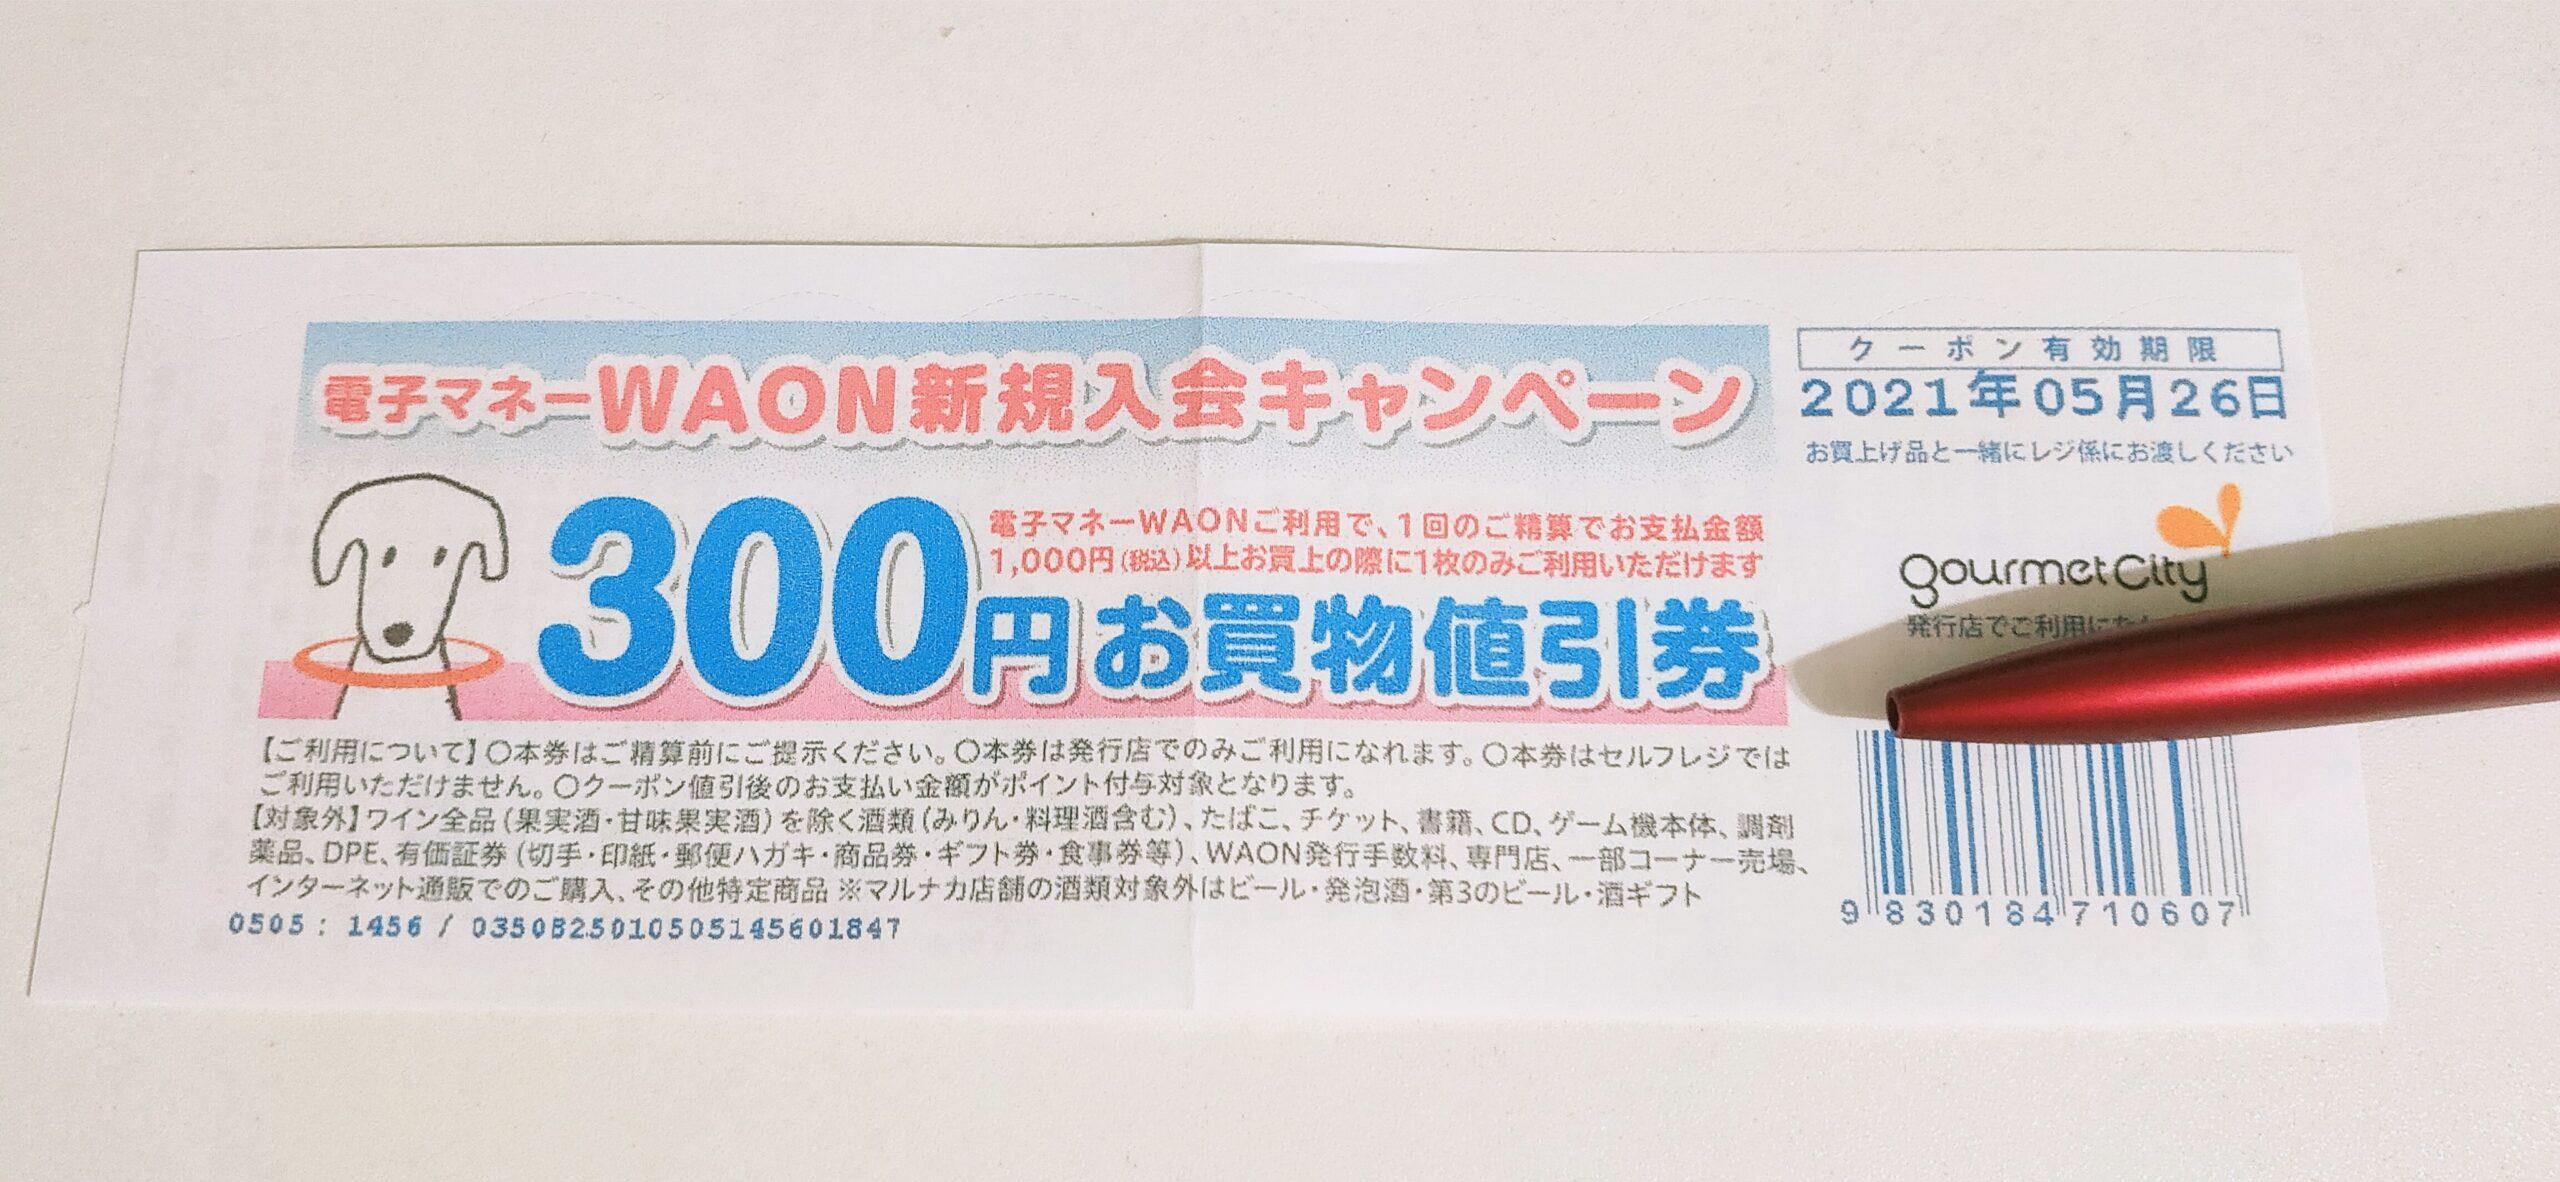 WAONカード実質無料のクーポン